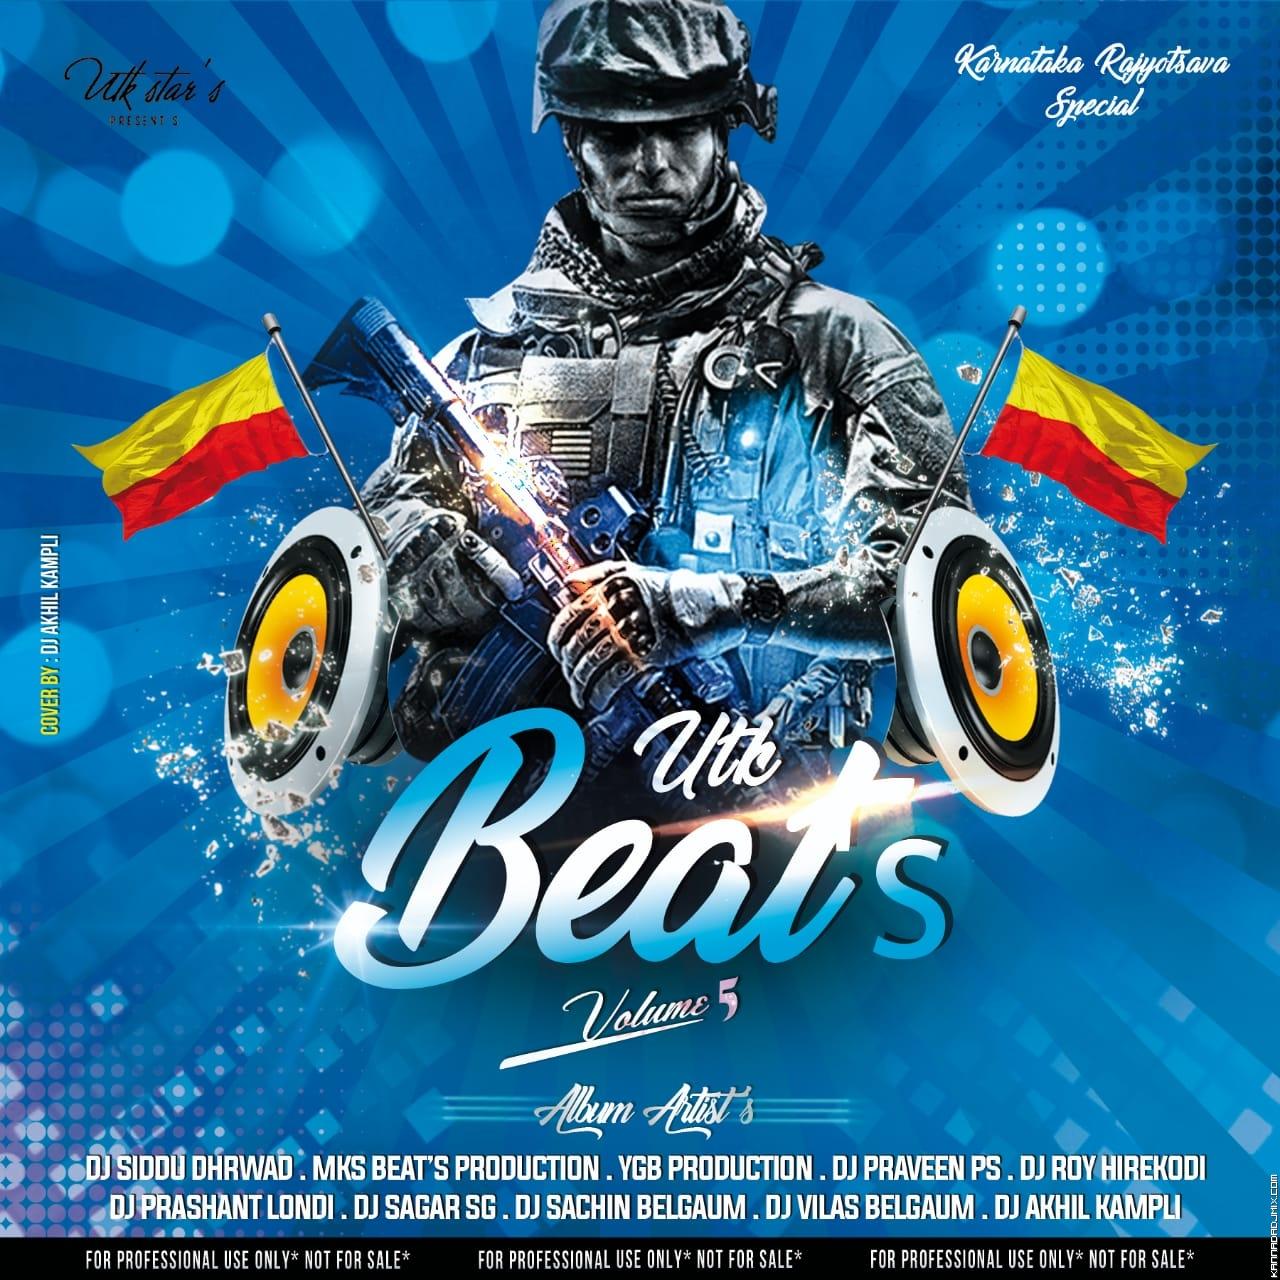 UPPIGINTA-RUCHI-BERE-ELLA-DJ PRASHANT LONDI AND DJ RAVI HLY.mp3